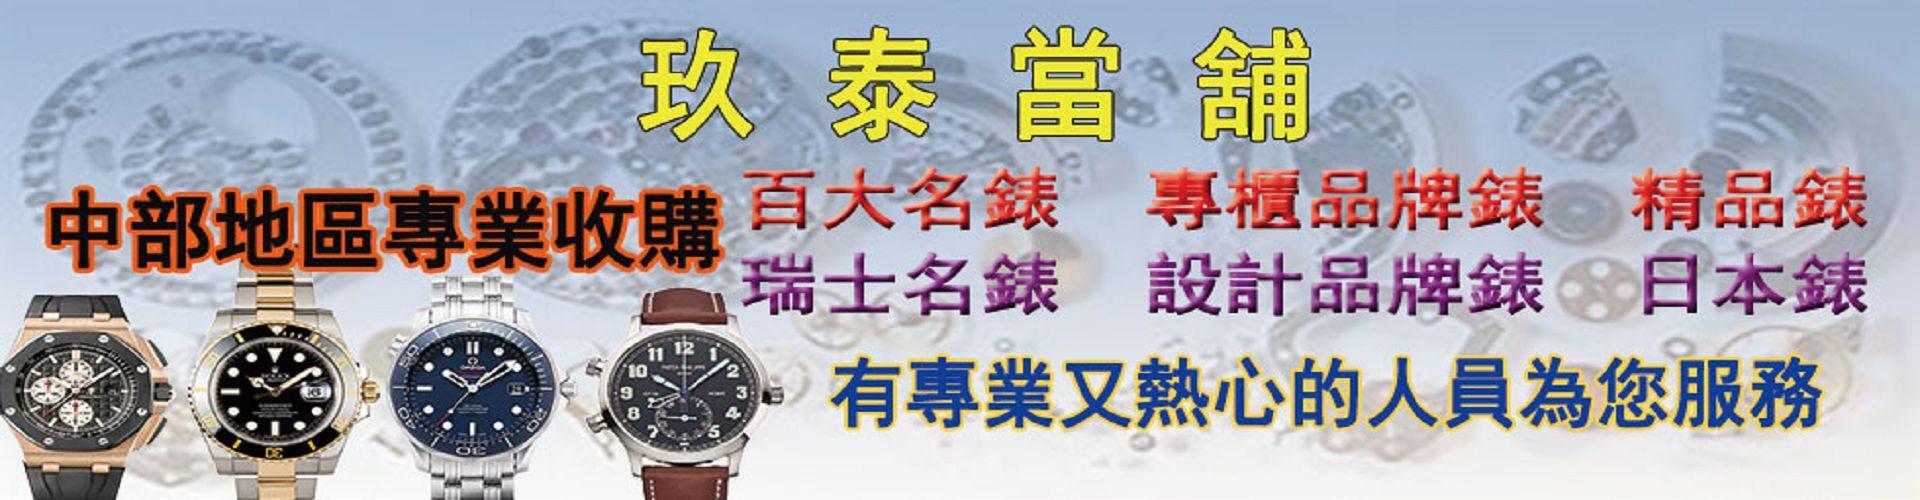 玖泰當舖/台中收購手錶/收購鑽石